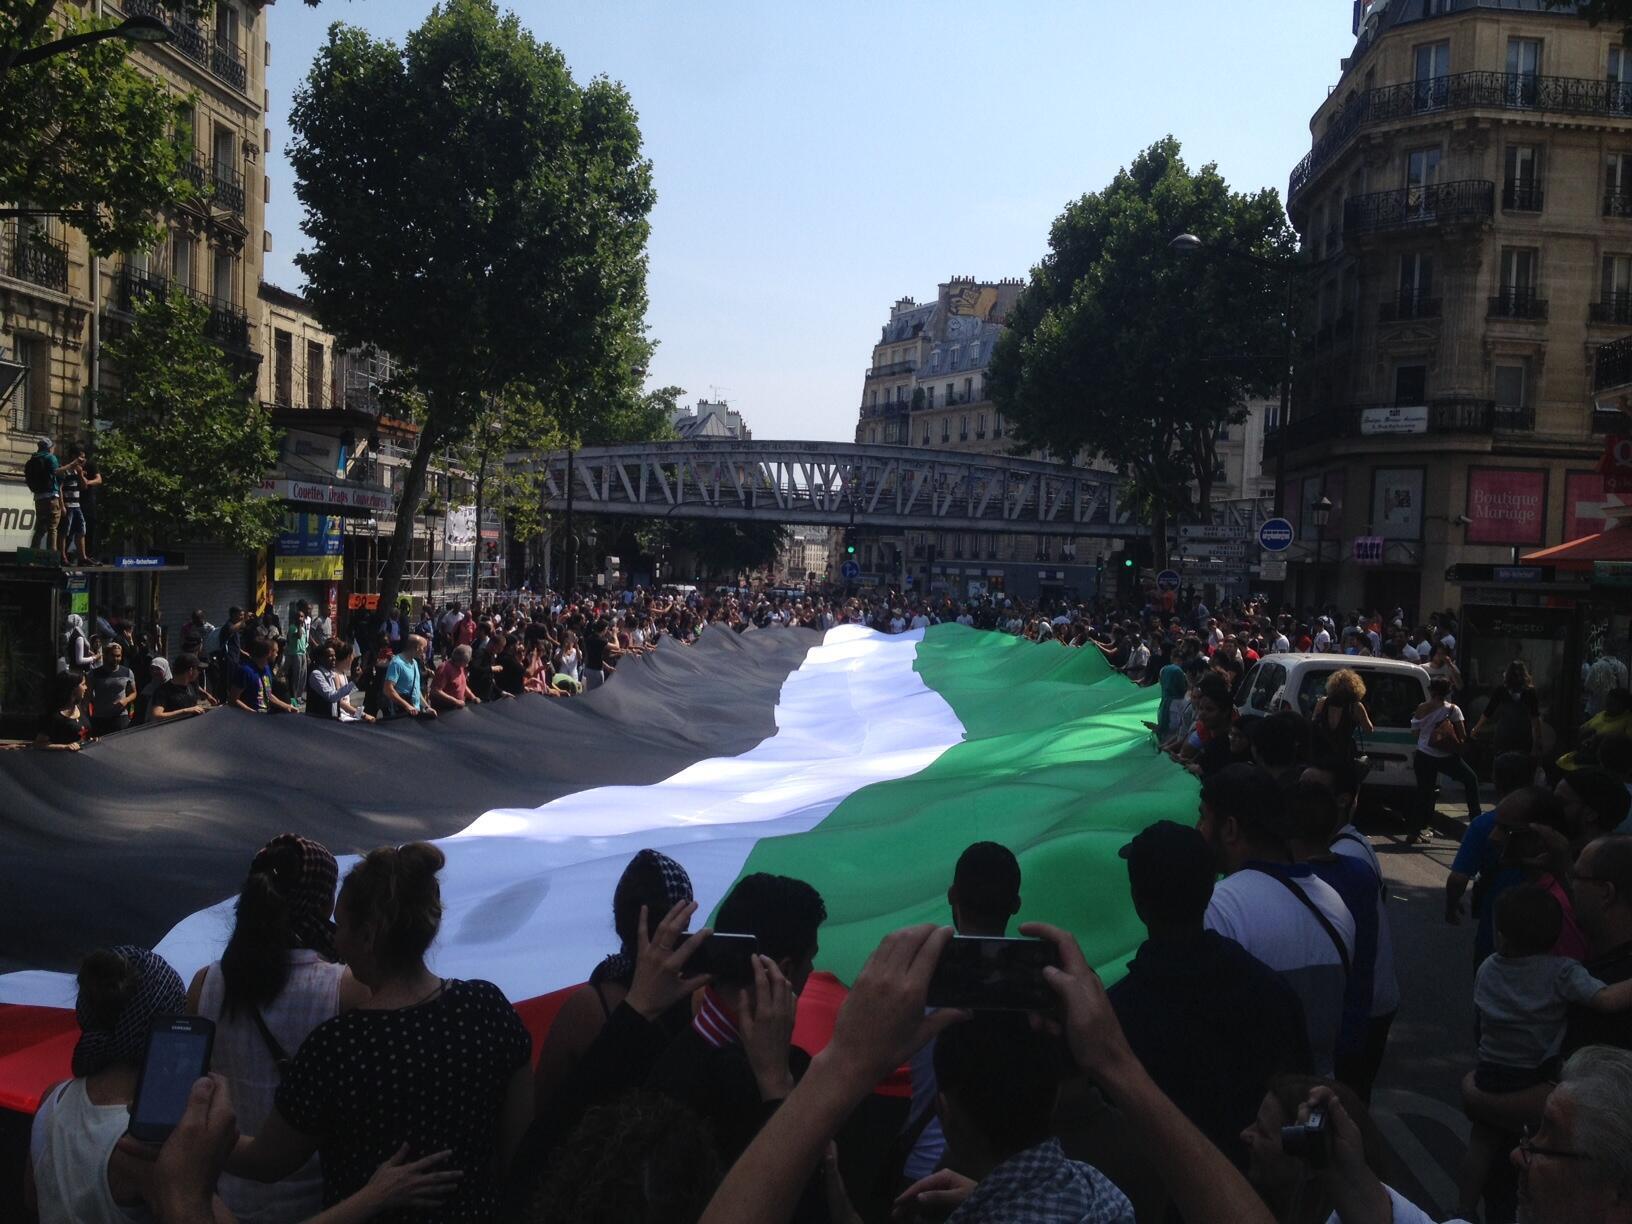 Biểu tình ủng hộ Palestine tại đại lộ Barbès, Paris, 19/07/2014.